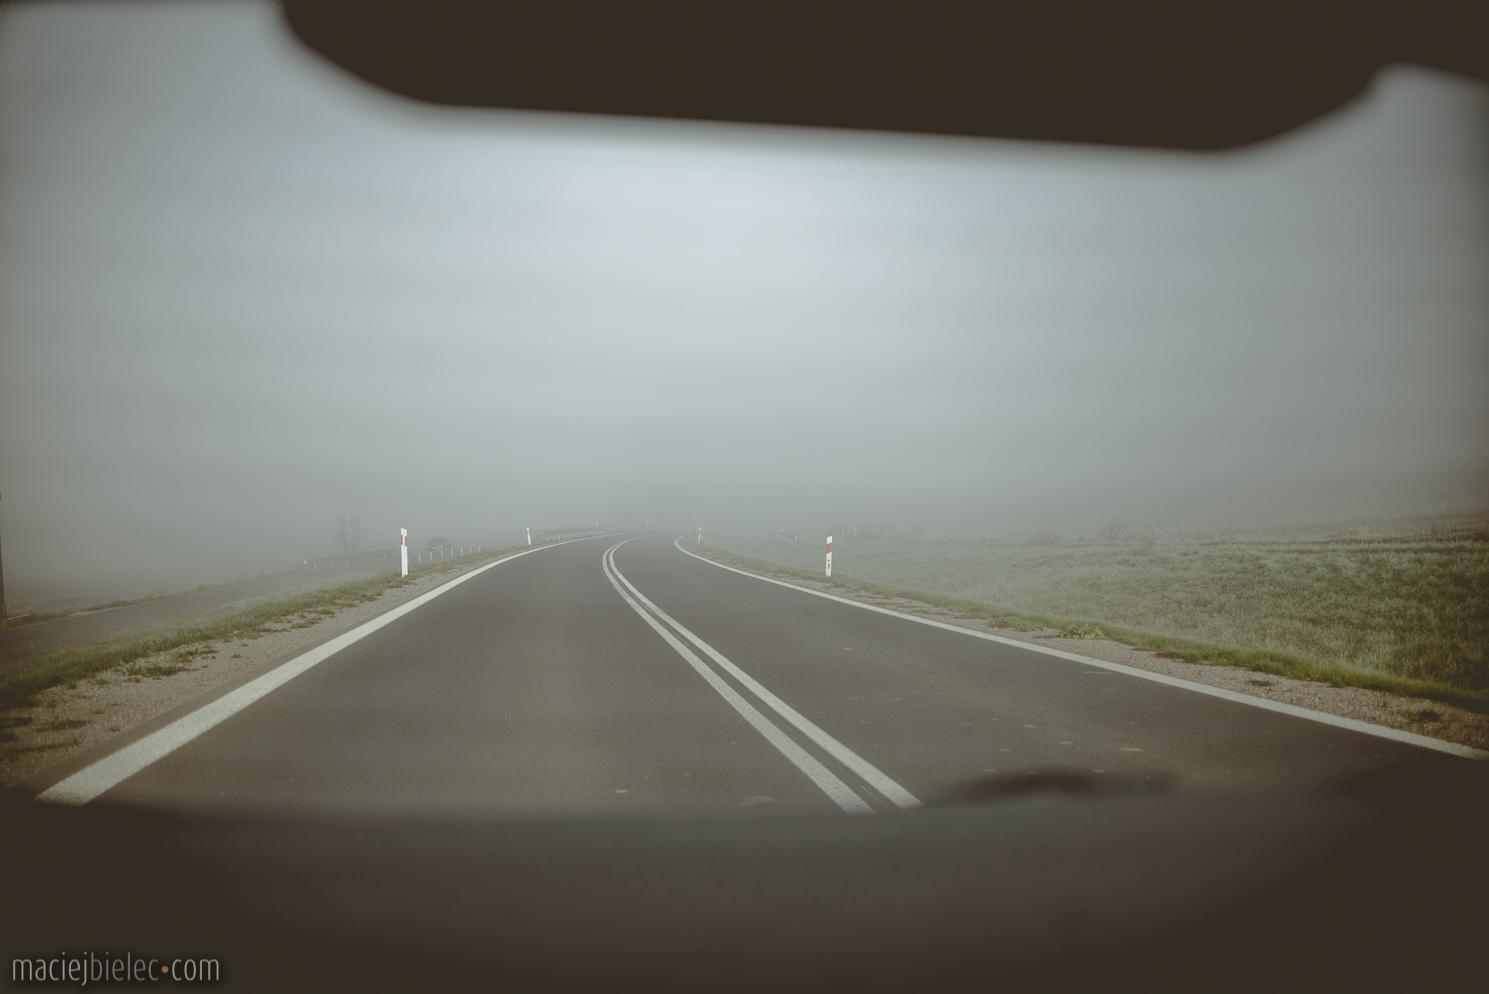 Gęsta mgła na drodze